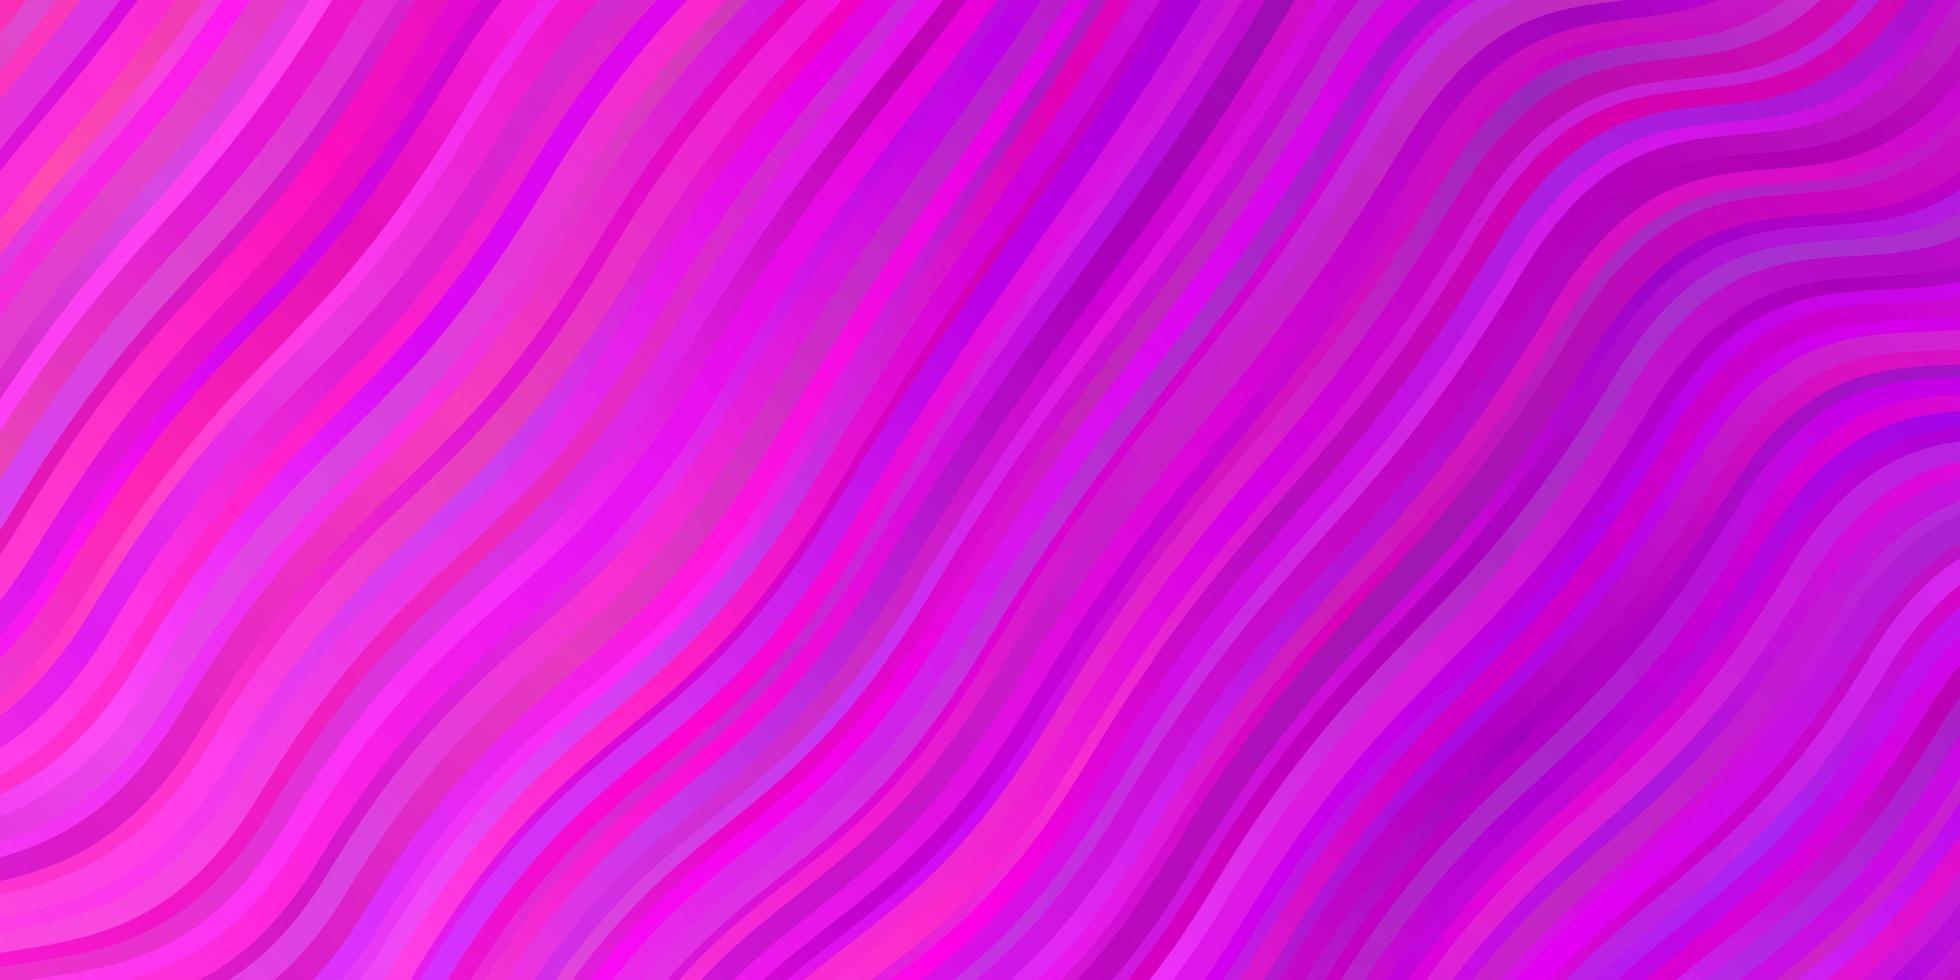 ljusrosa vektorbakgrund med sneda linjer. vektor